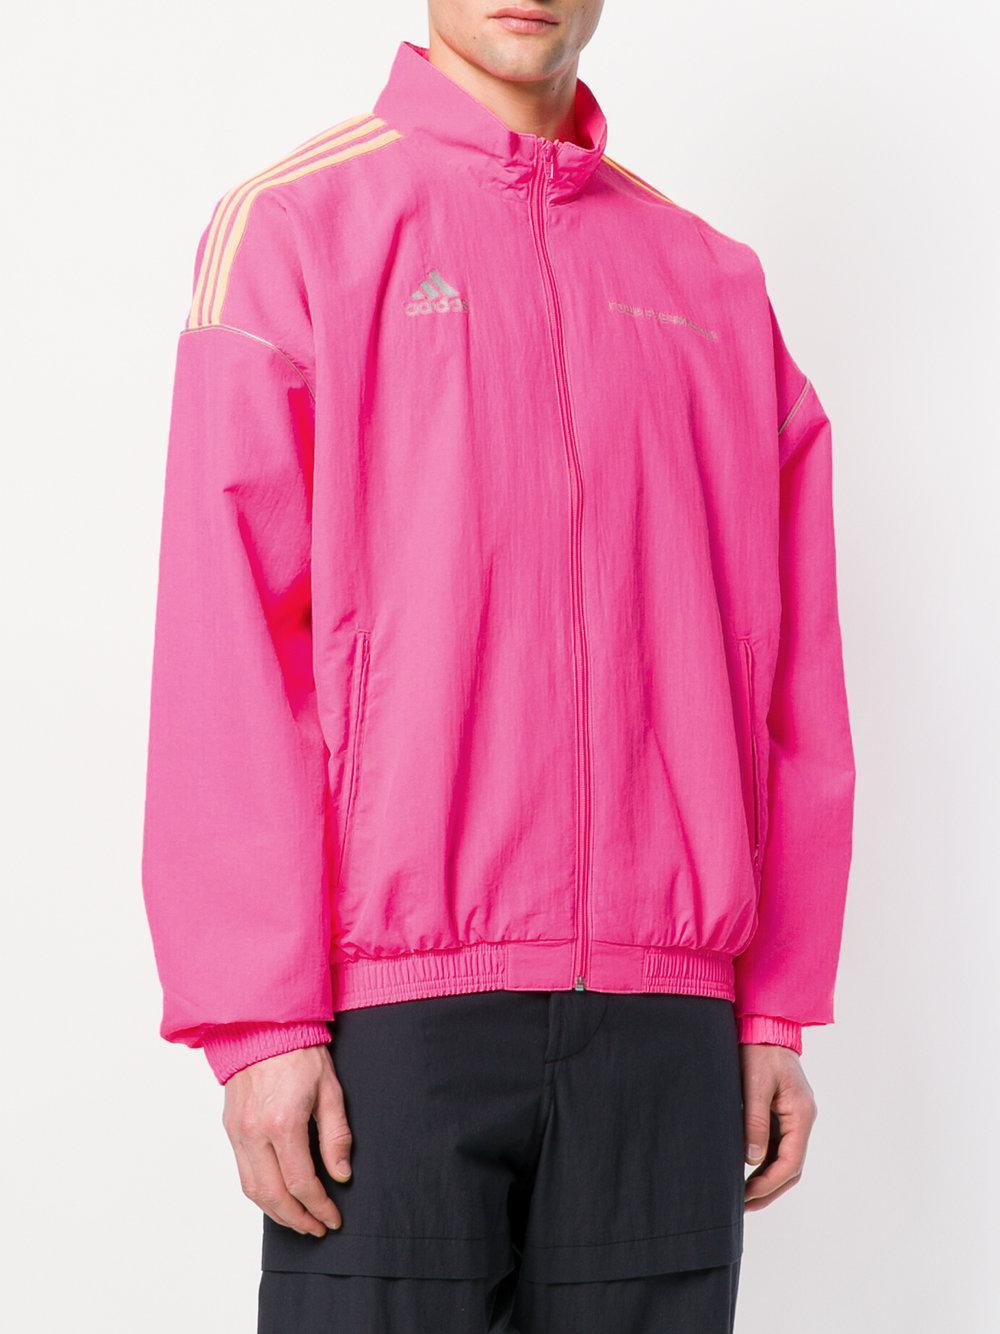 Adidas Homme Veste Coloris Gosha Pour Rubchinskiy X En Pink Nnk8P0XZOw